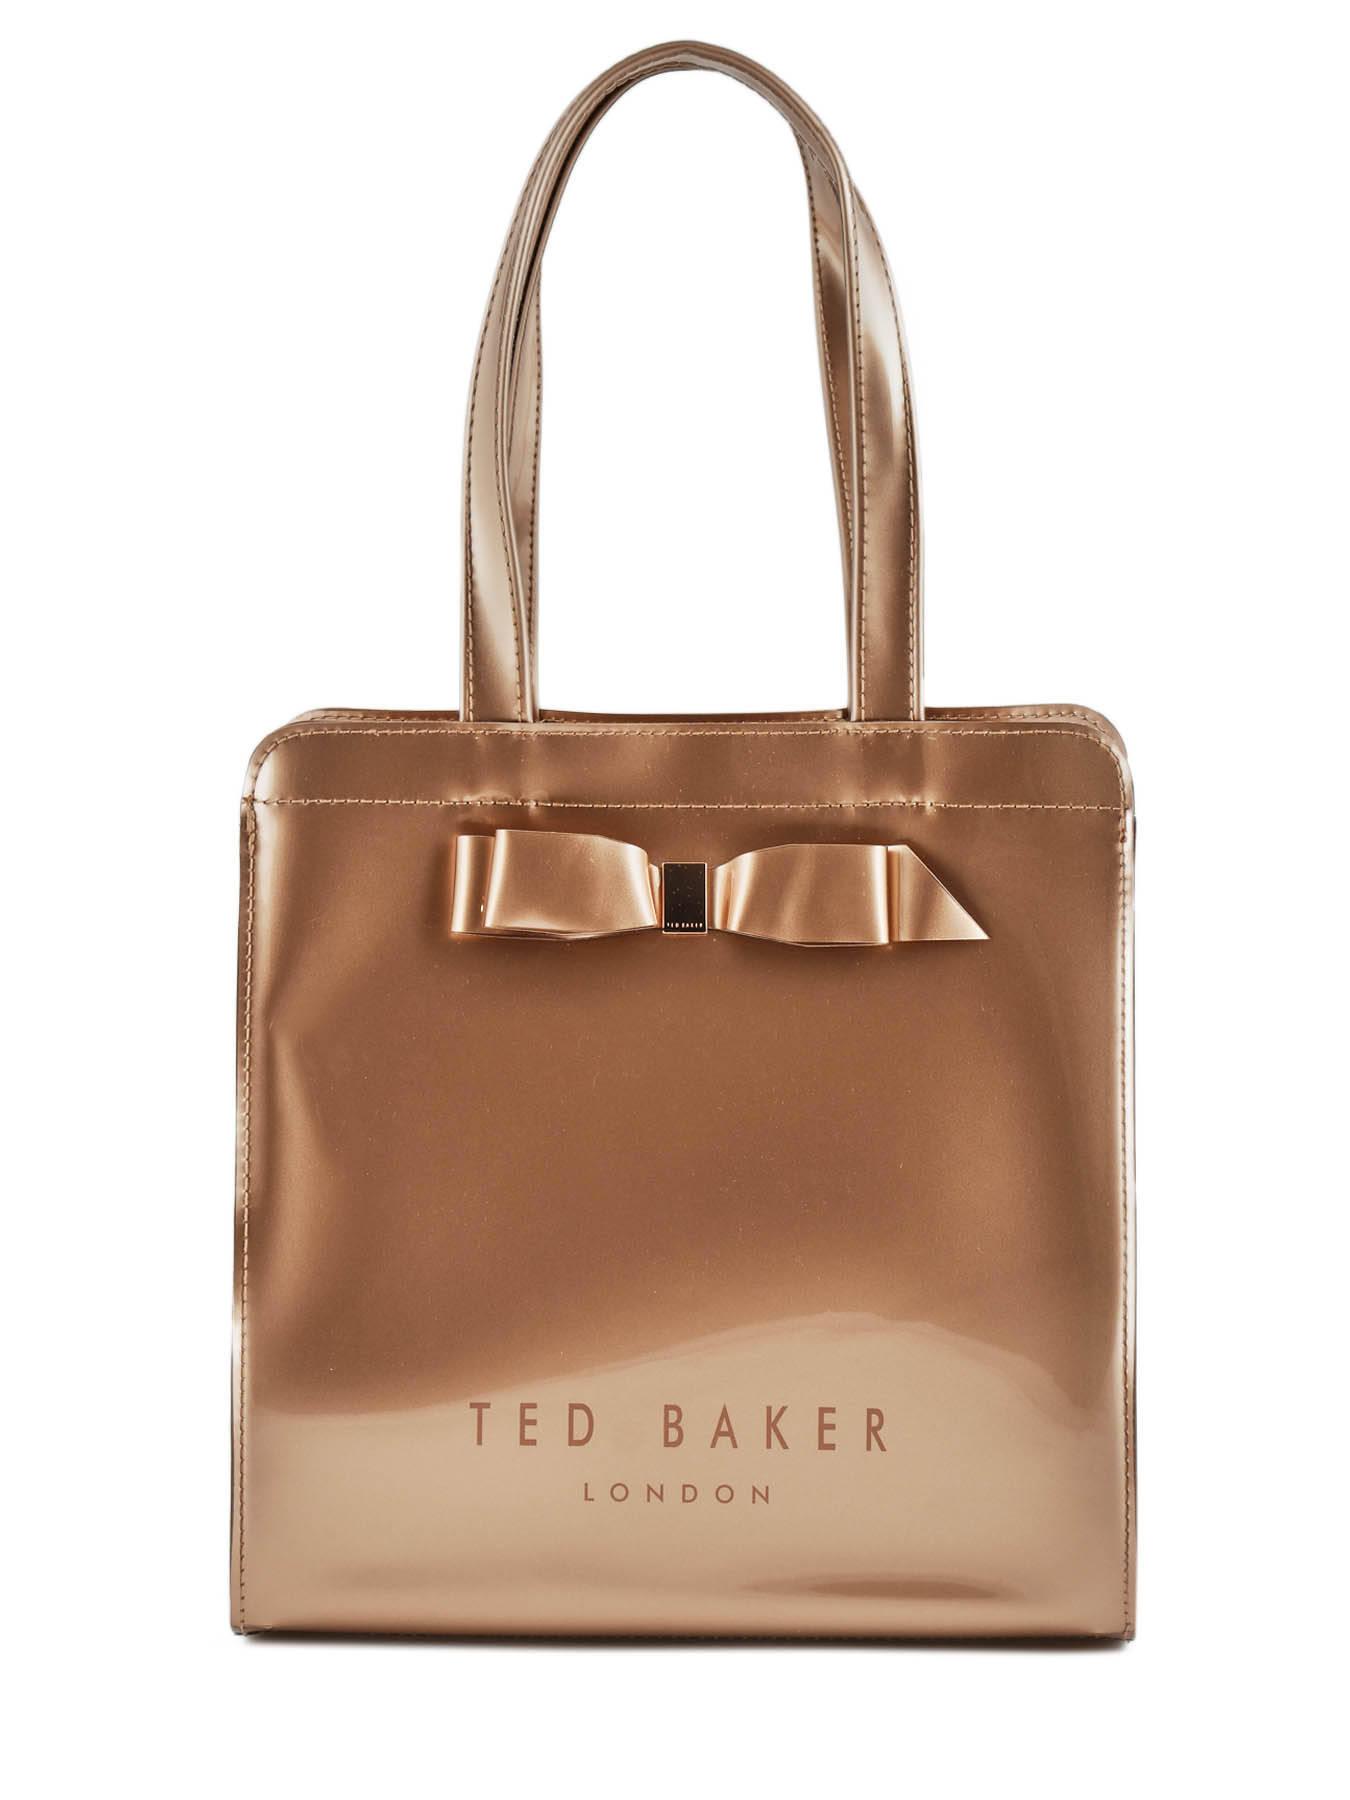 revendeur 1cf72 0c90d Sac porté main Icon bag TED BAKER